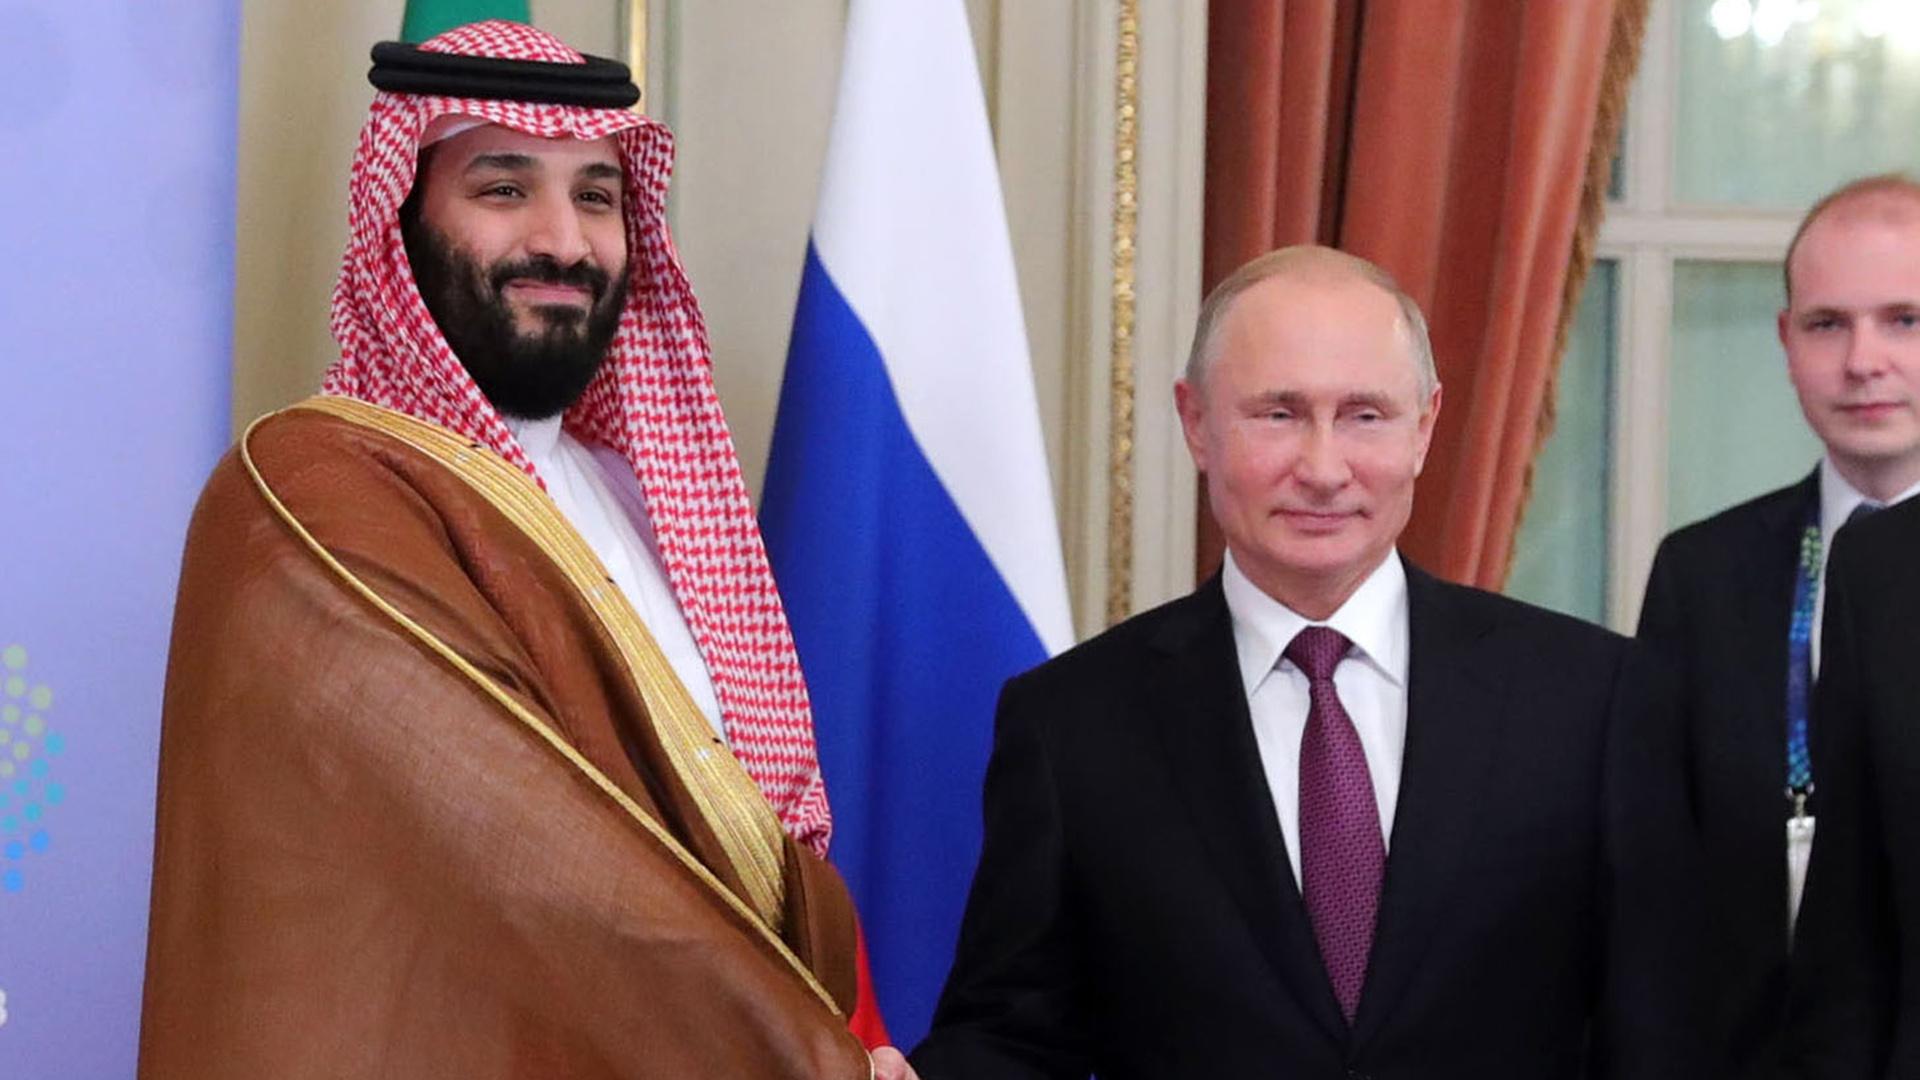 el príncipe saudito y el líder ruso, cruzaron saludos y miradas cómplices en el G20(AFP)